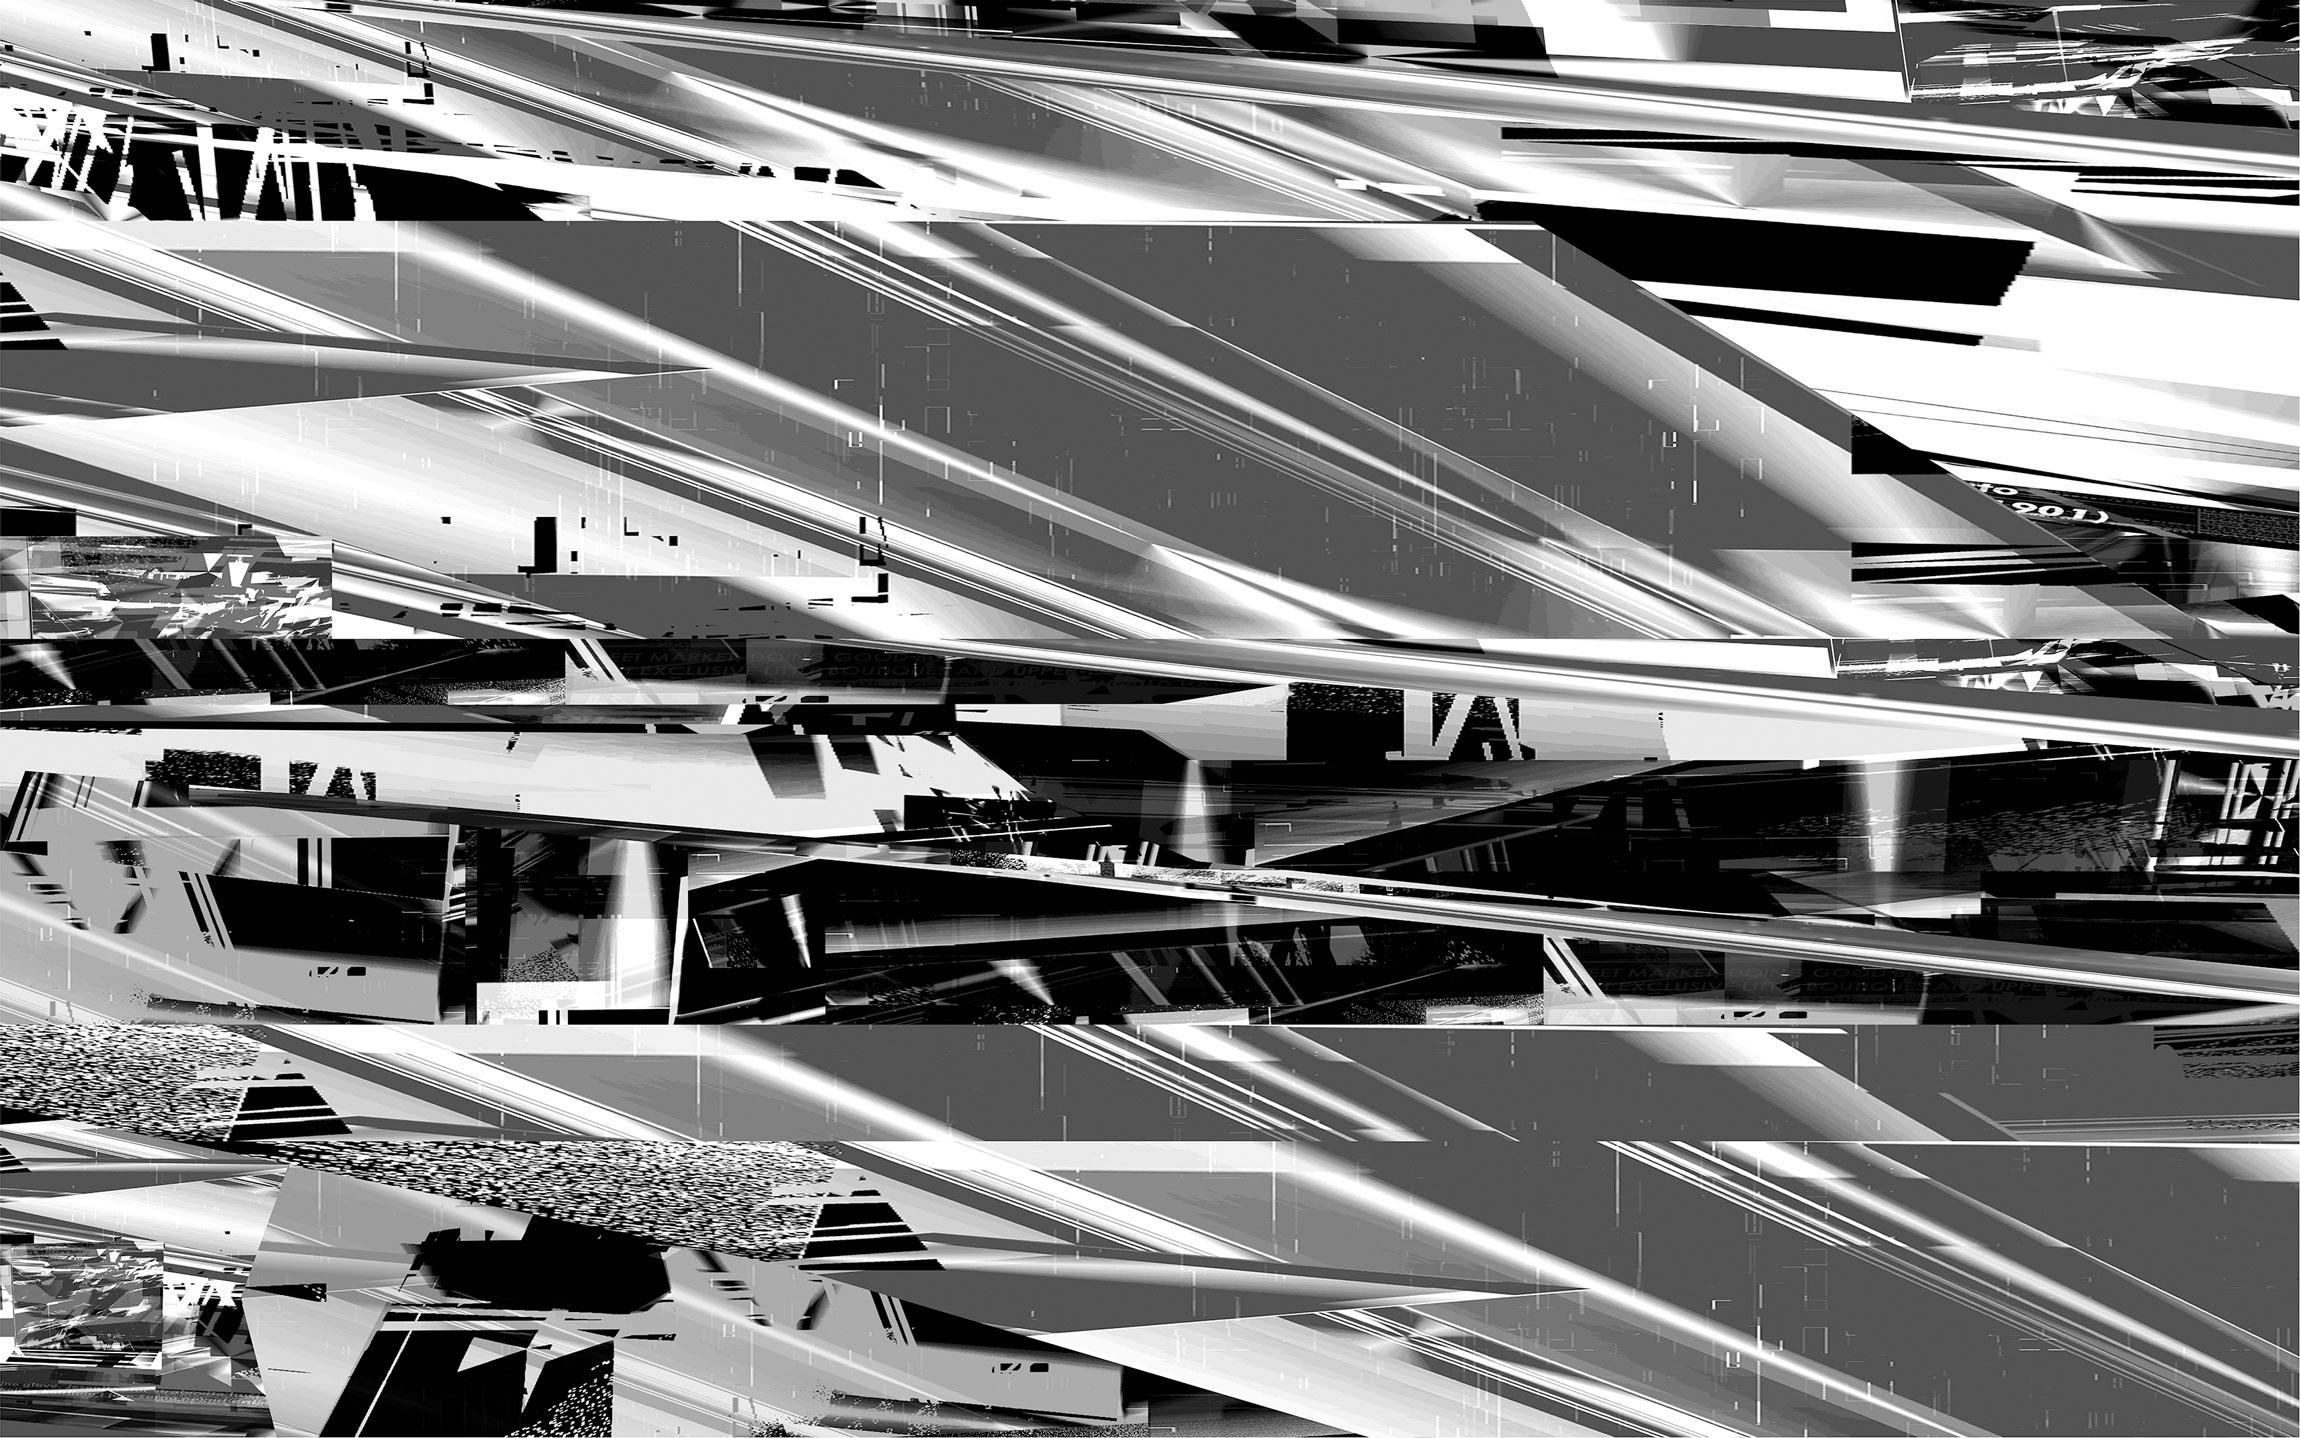 Herwig Steiner(1956L), Architektur, L14, computergenerierte Zeichnung